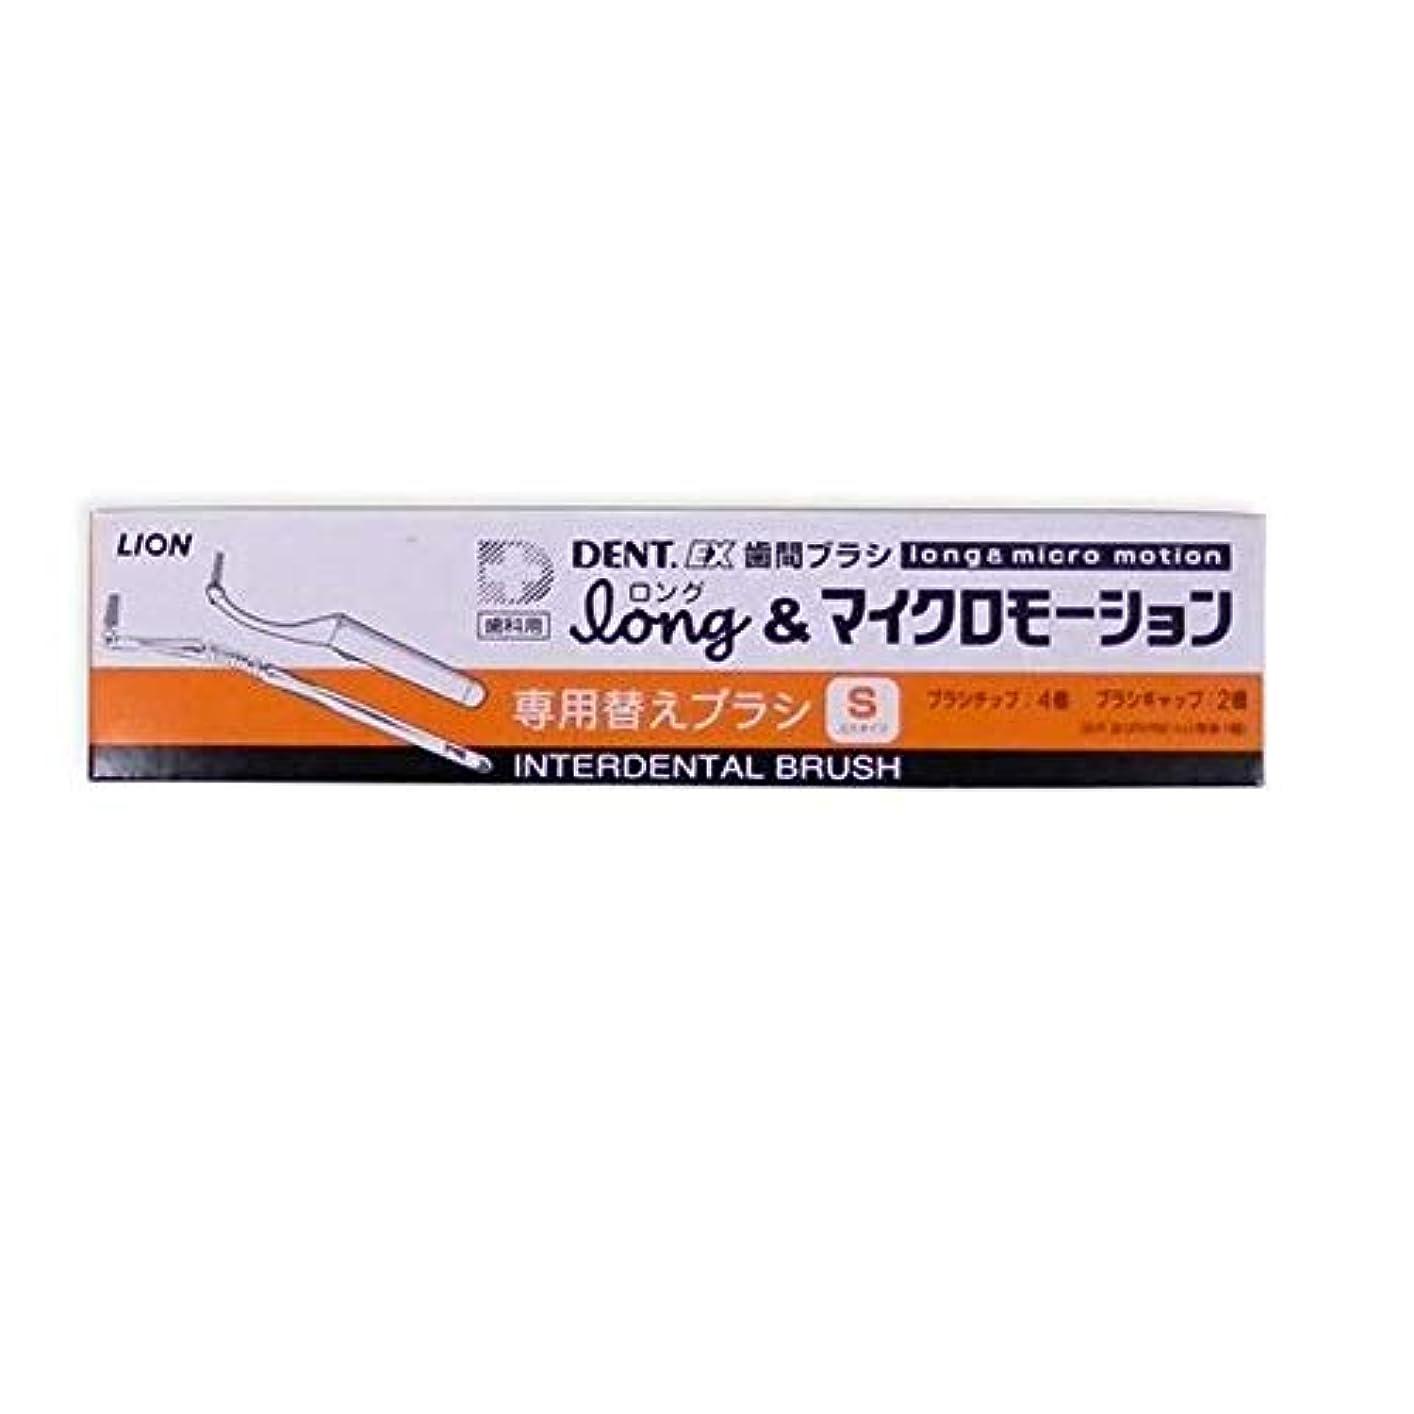 マスク列挙する思い出すライオン DENT . EX 歯間ブラシ long ロング & マイクロモーション 専用 替えブラシ 4本入 × 10個 S